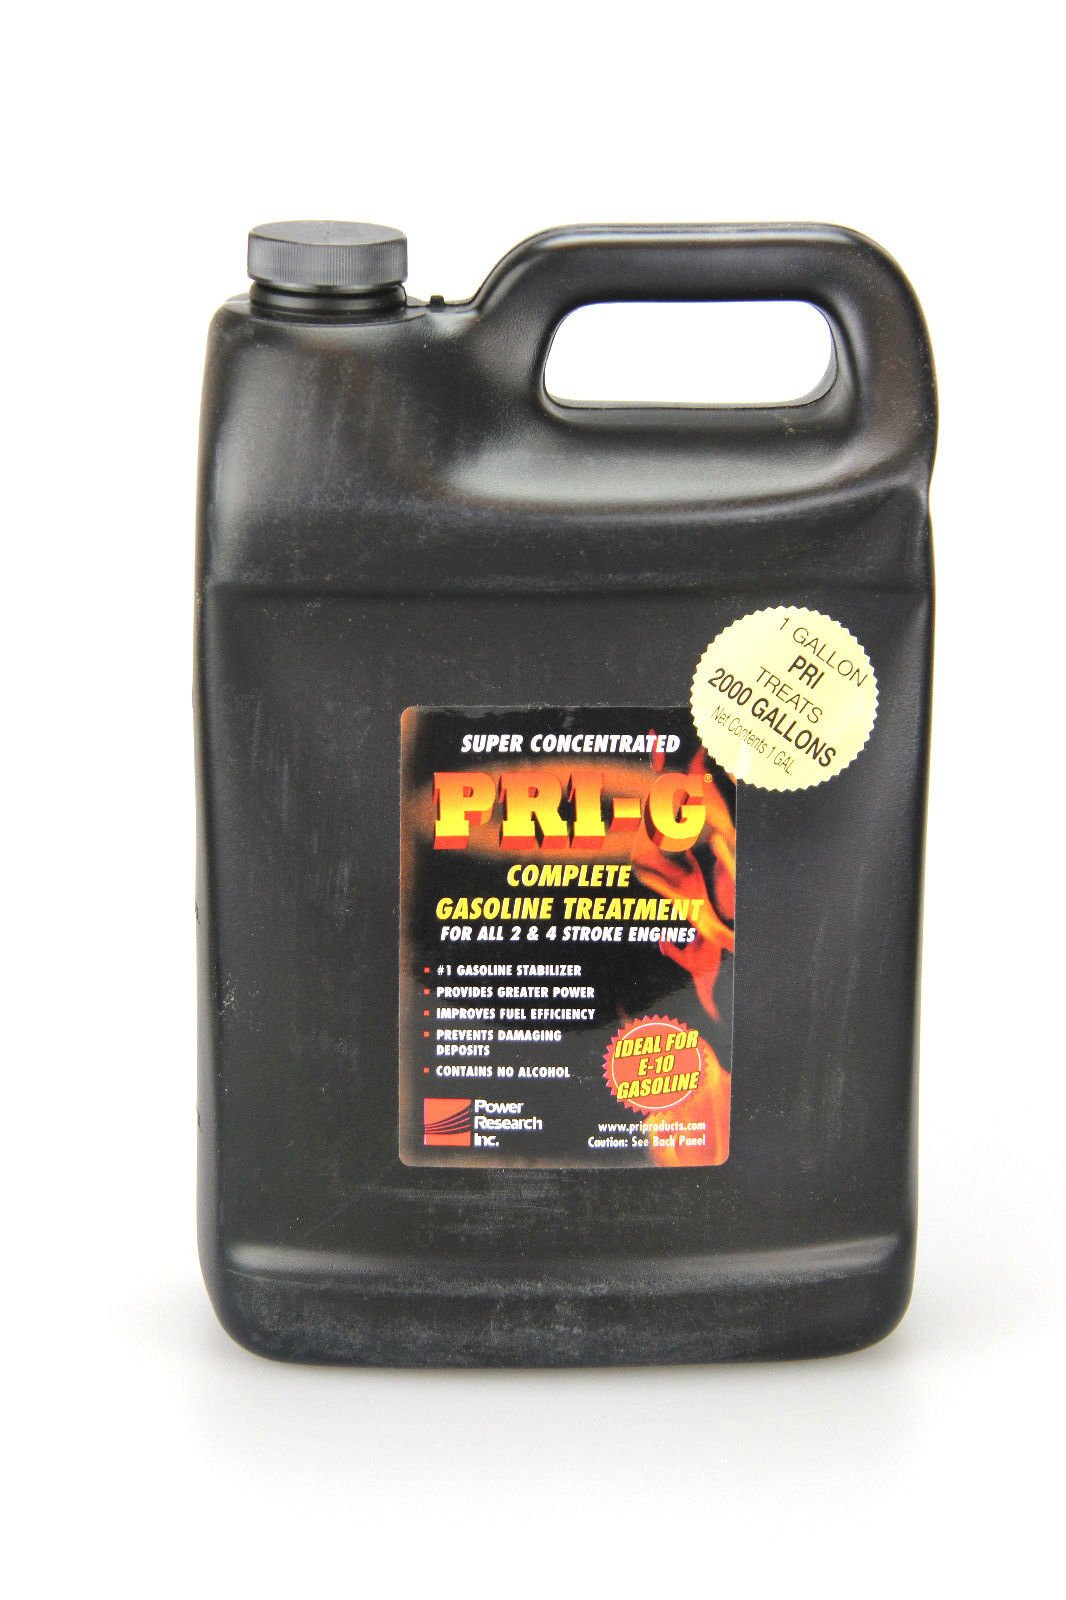 PRI-G Fuel Stabilizer- Gallon Size Unit Treats 2000 Gallons of Fuel by PRI